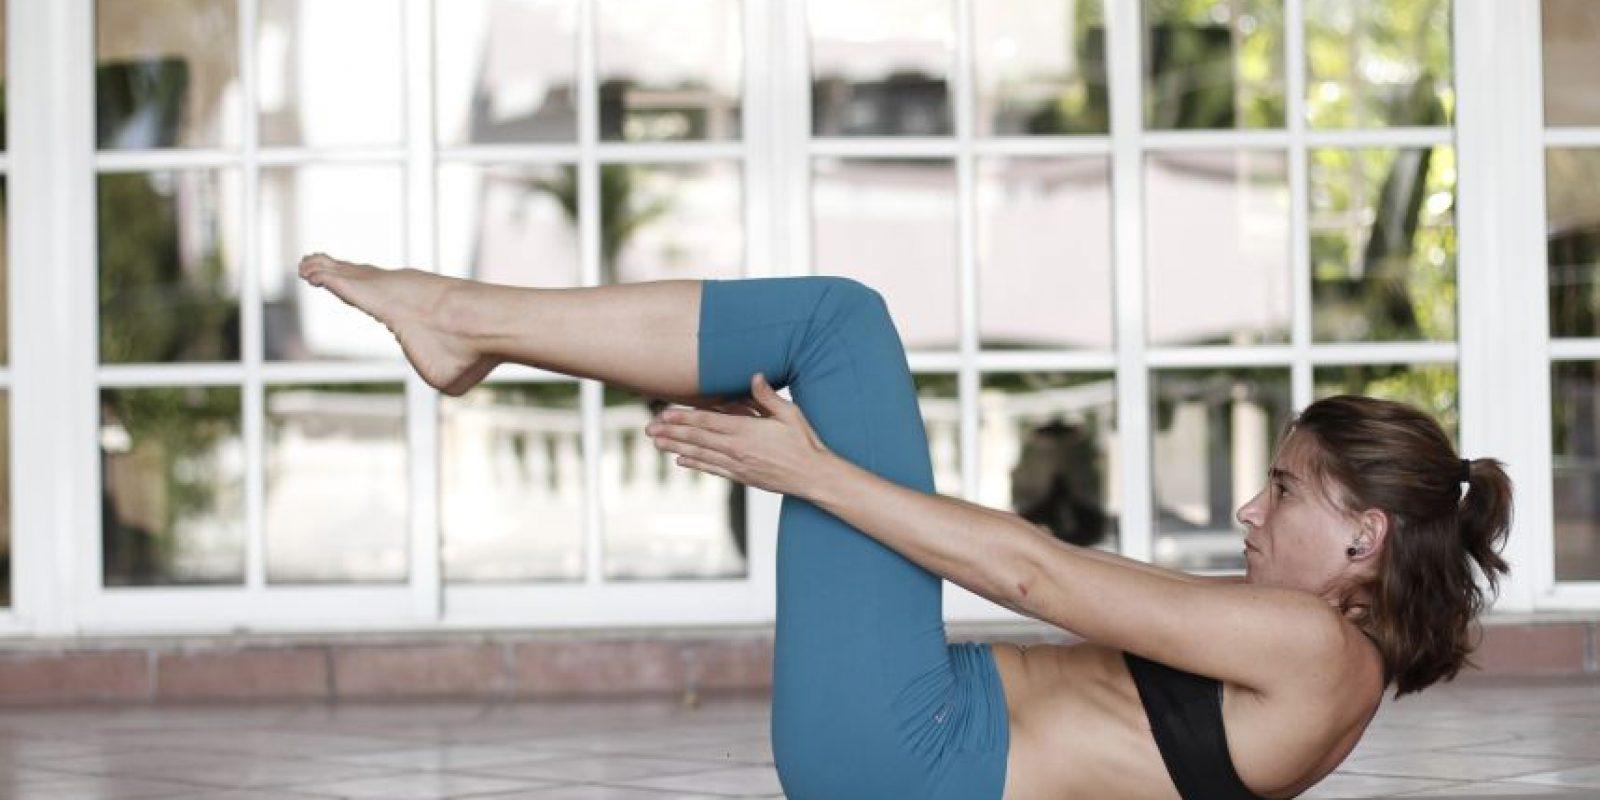 Pose del bote. Preparación: Estando sentados, apoyamos la planta de los pies sobre el piso y colocamos las manos justo debajo de los hombros. Contraemos el abdomen y levantamos los pies del suelo. Buscamos el balance. Una vez lo encontremos, elevamos los brazos al nivel de las piernas. Manteniendo la posición con los brazos, enderezamos las piernas hasta dejarlas lo más rectas que podamos. Mantenemos la pos